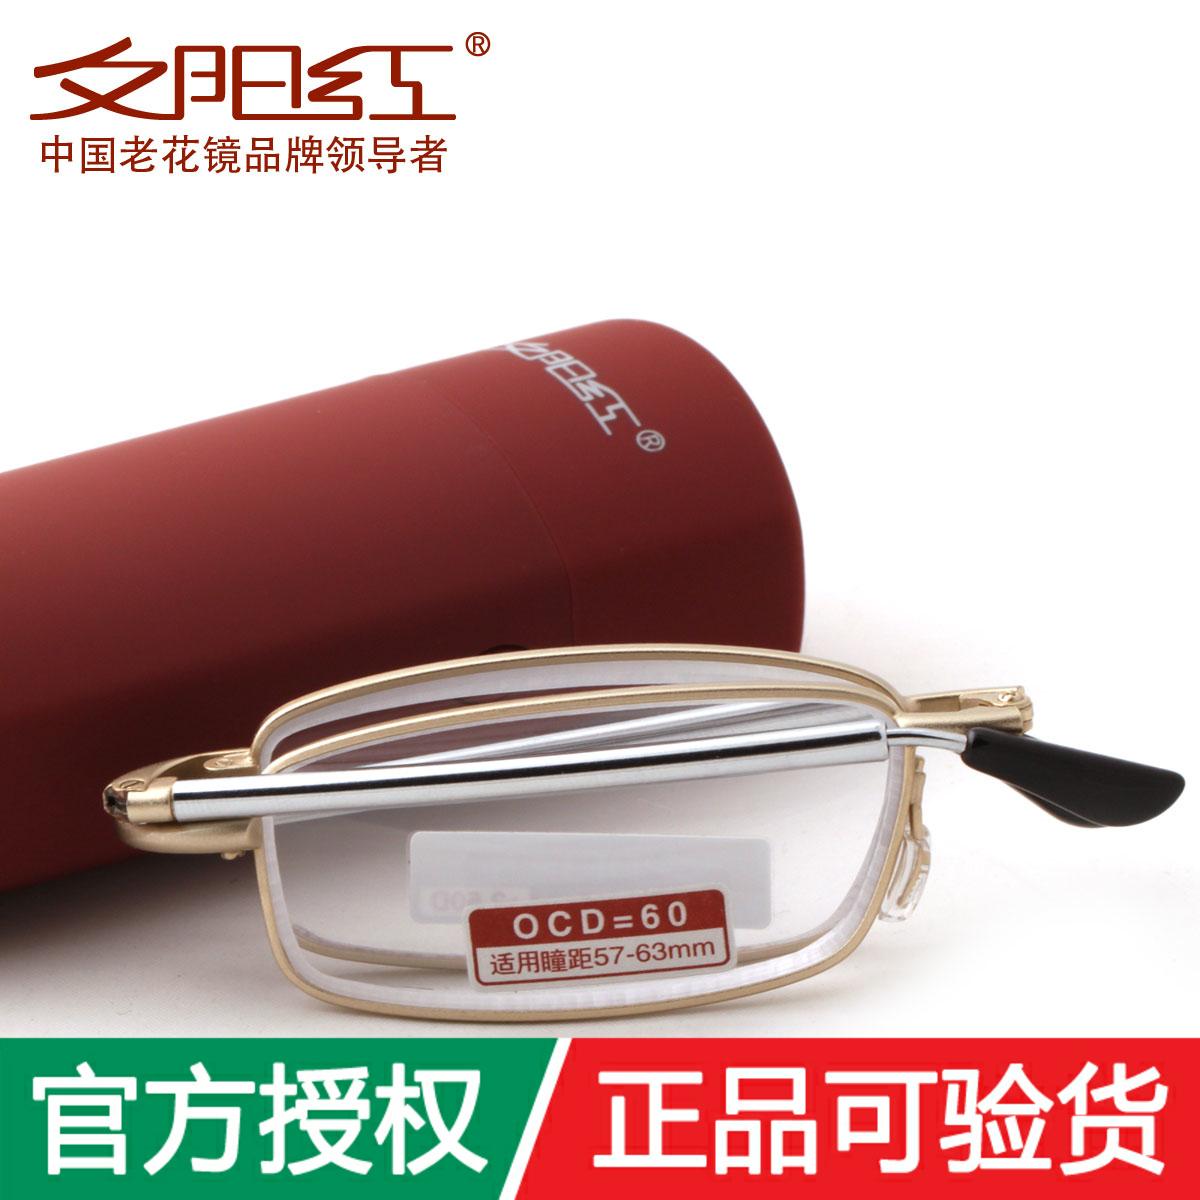 老花眼镜男女父母品牌伸缩老花镜迷你夕阳红